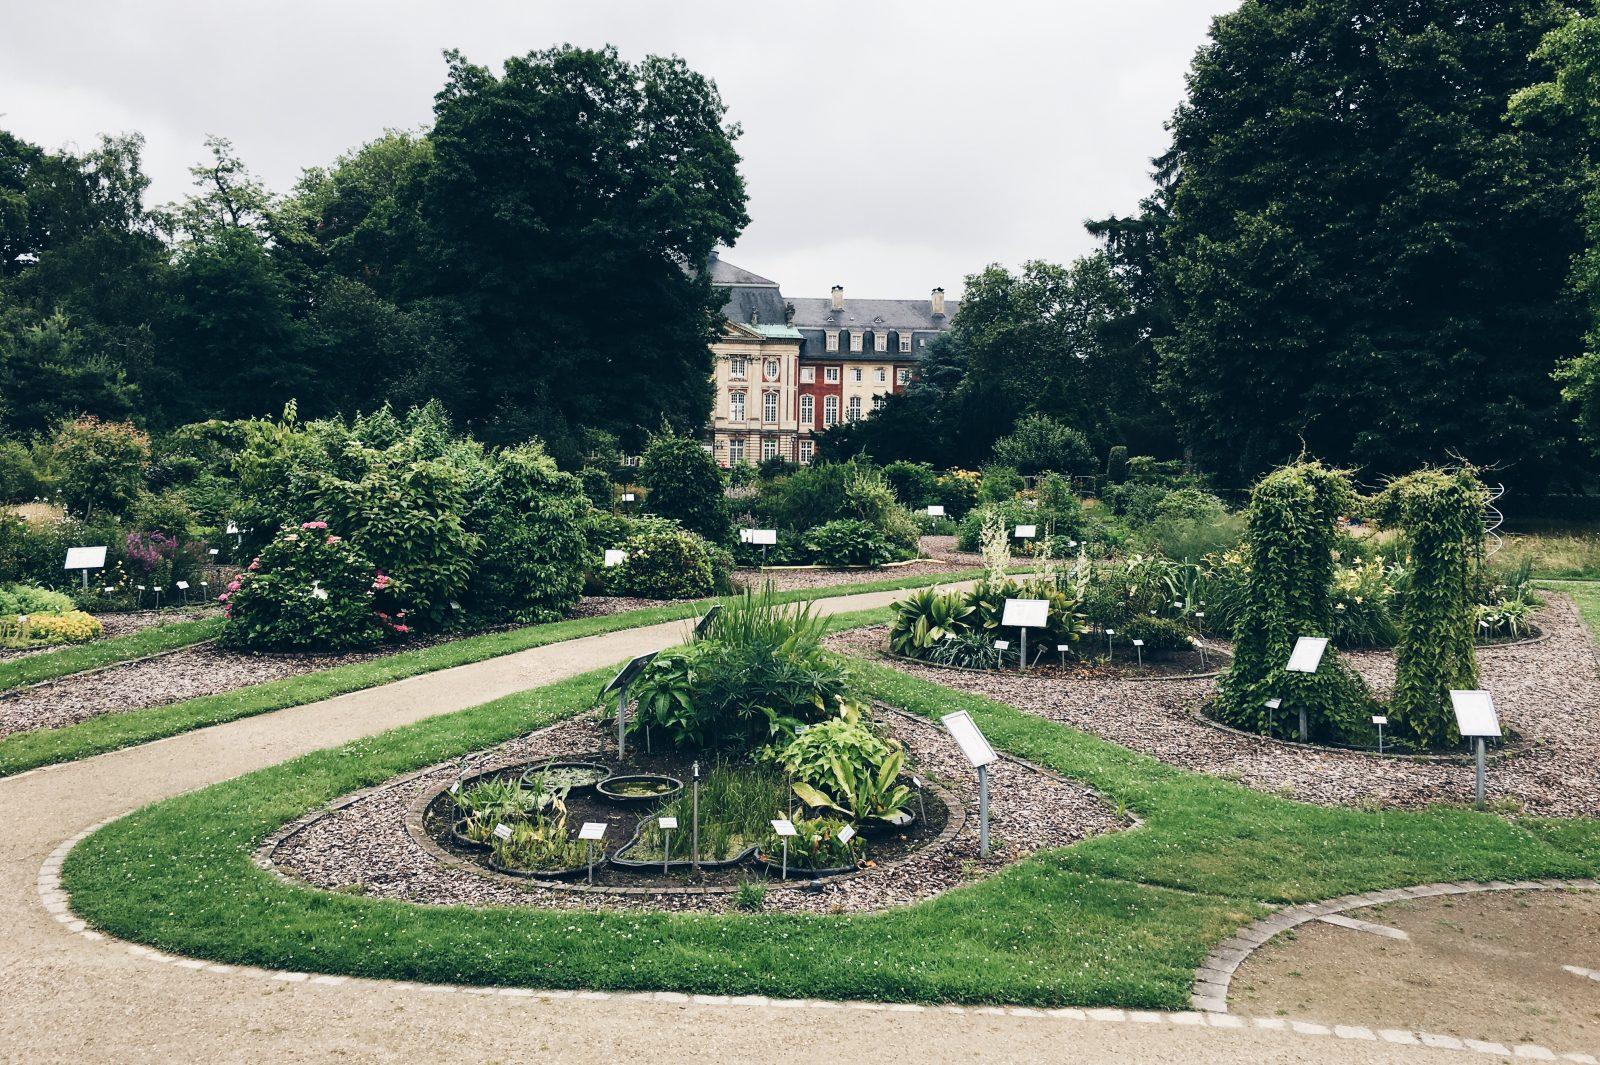 Münster erleben, Tipps, Botanischer Garten Münster